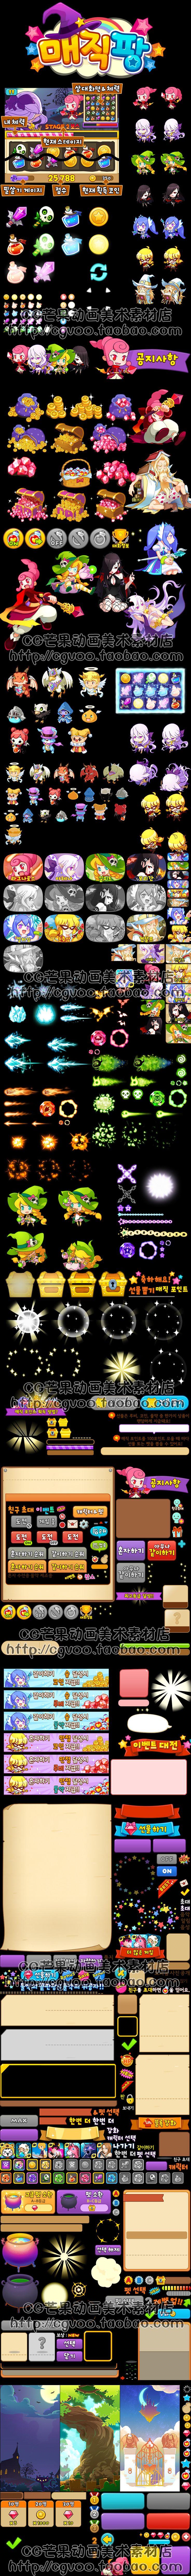 游戏美术资源/韩国消除类手游/女巫之战ui素材/界面/图标/特效